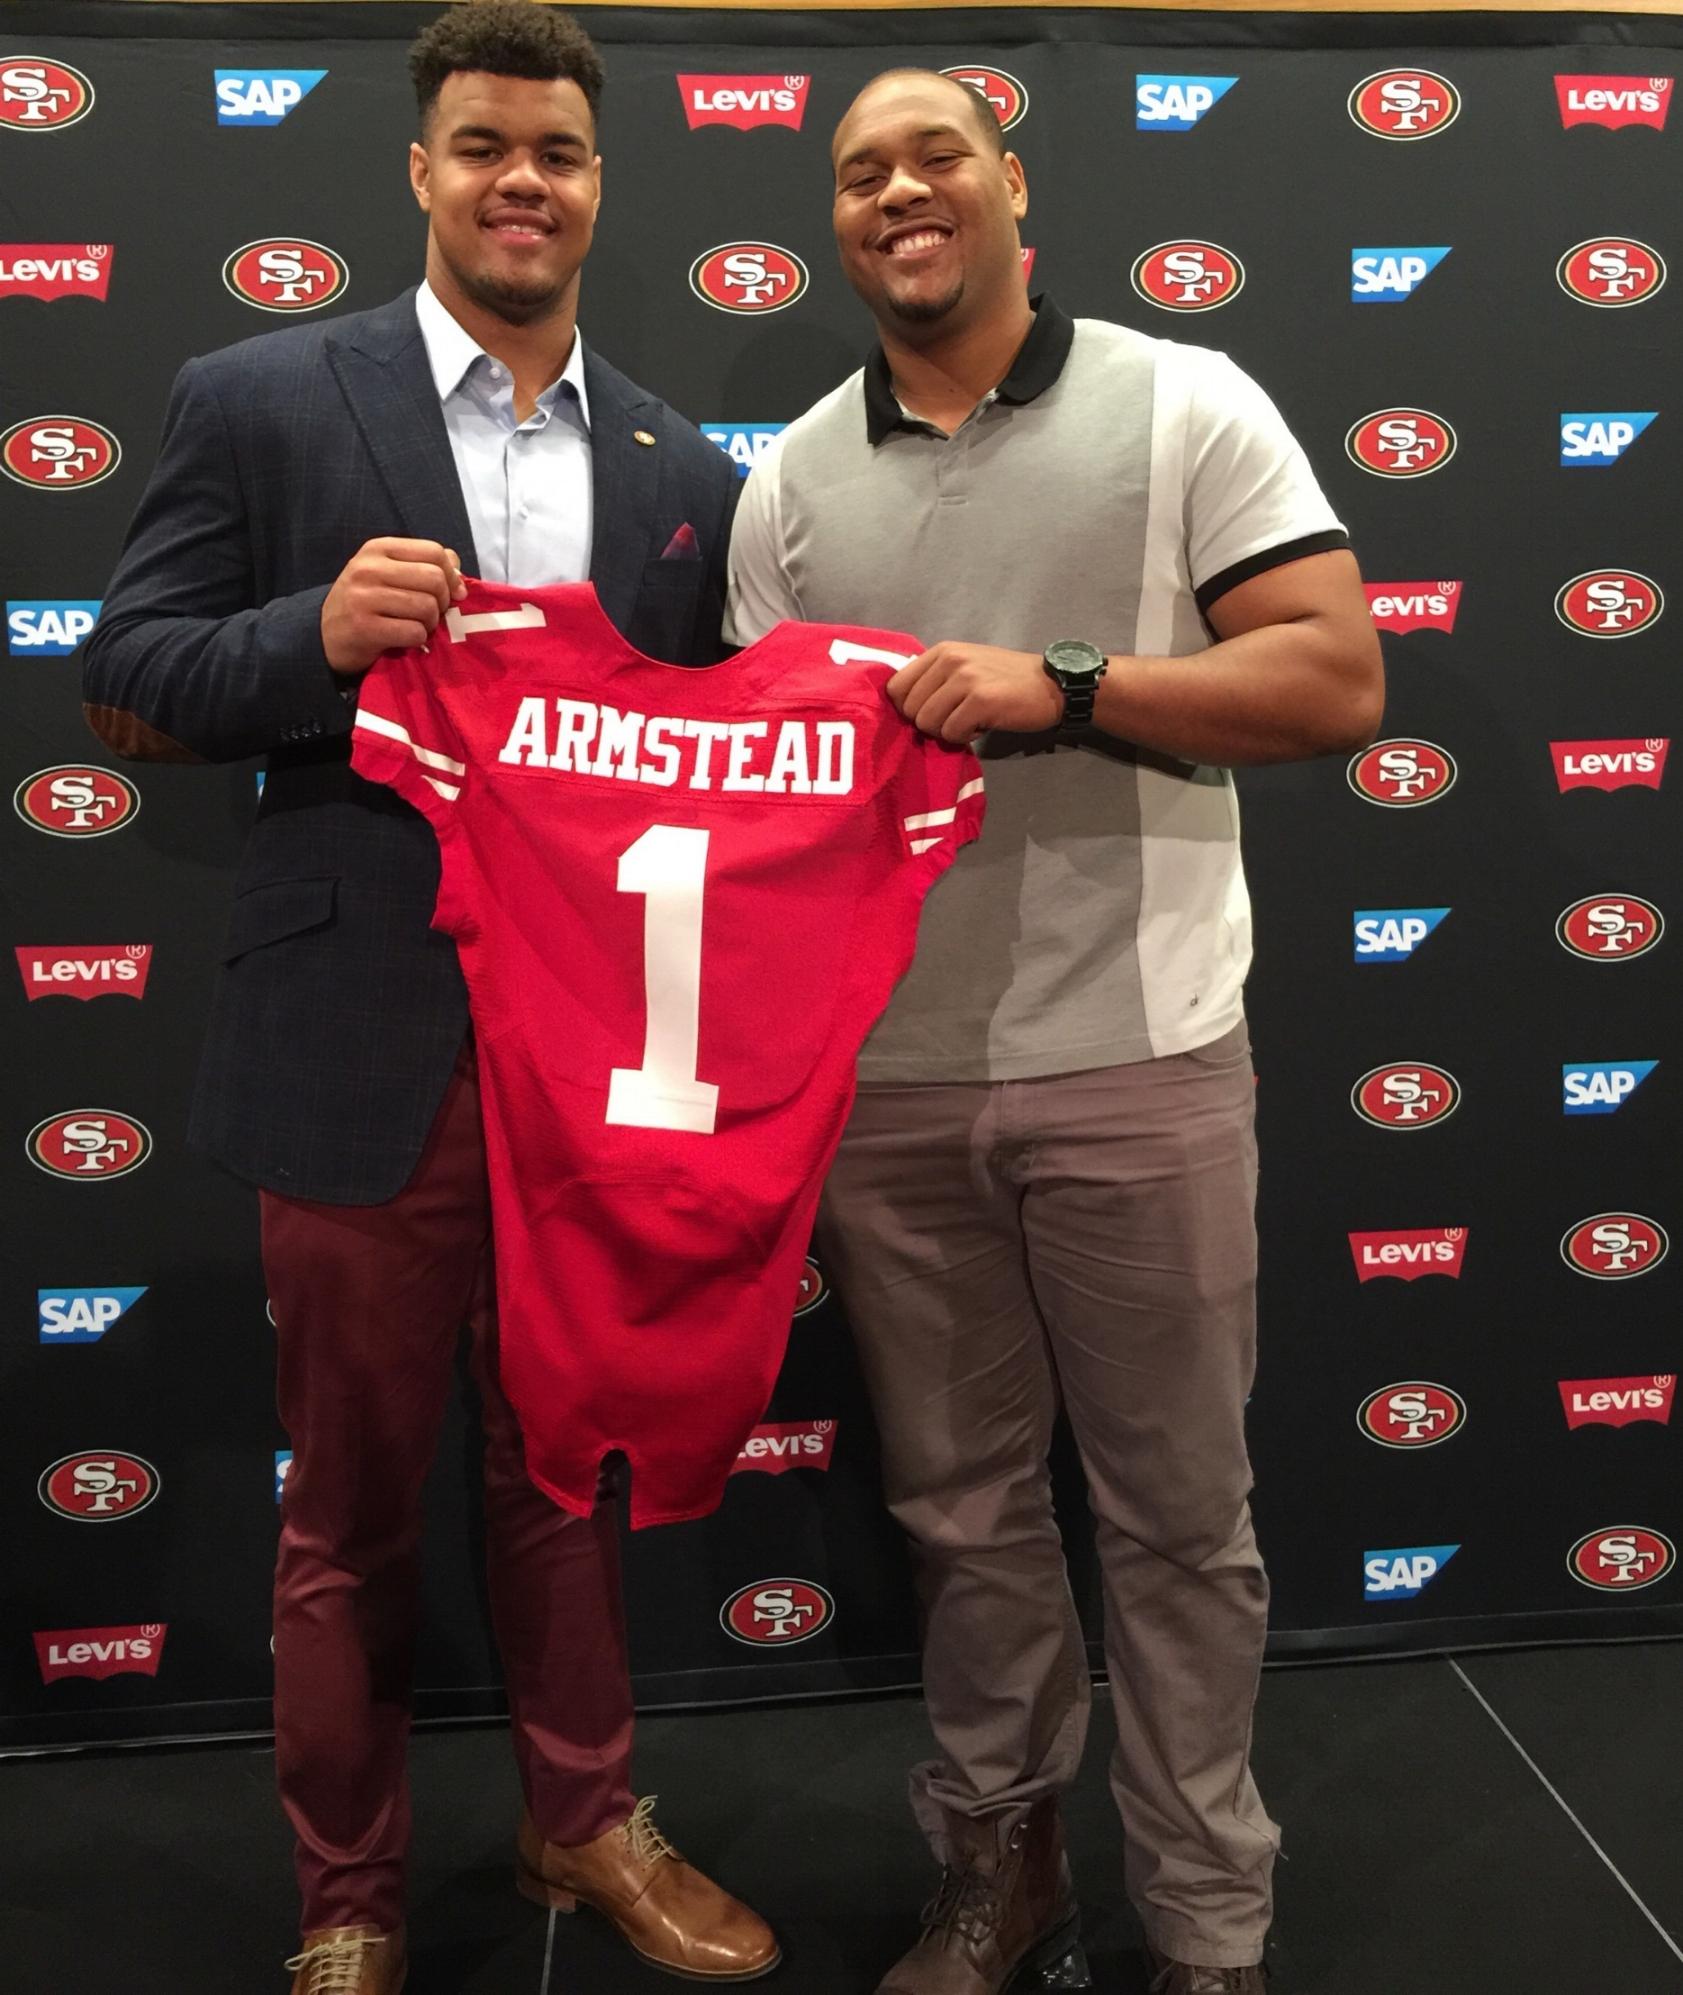 Arik Armstead - NFL Draft